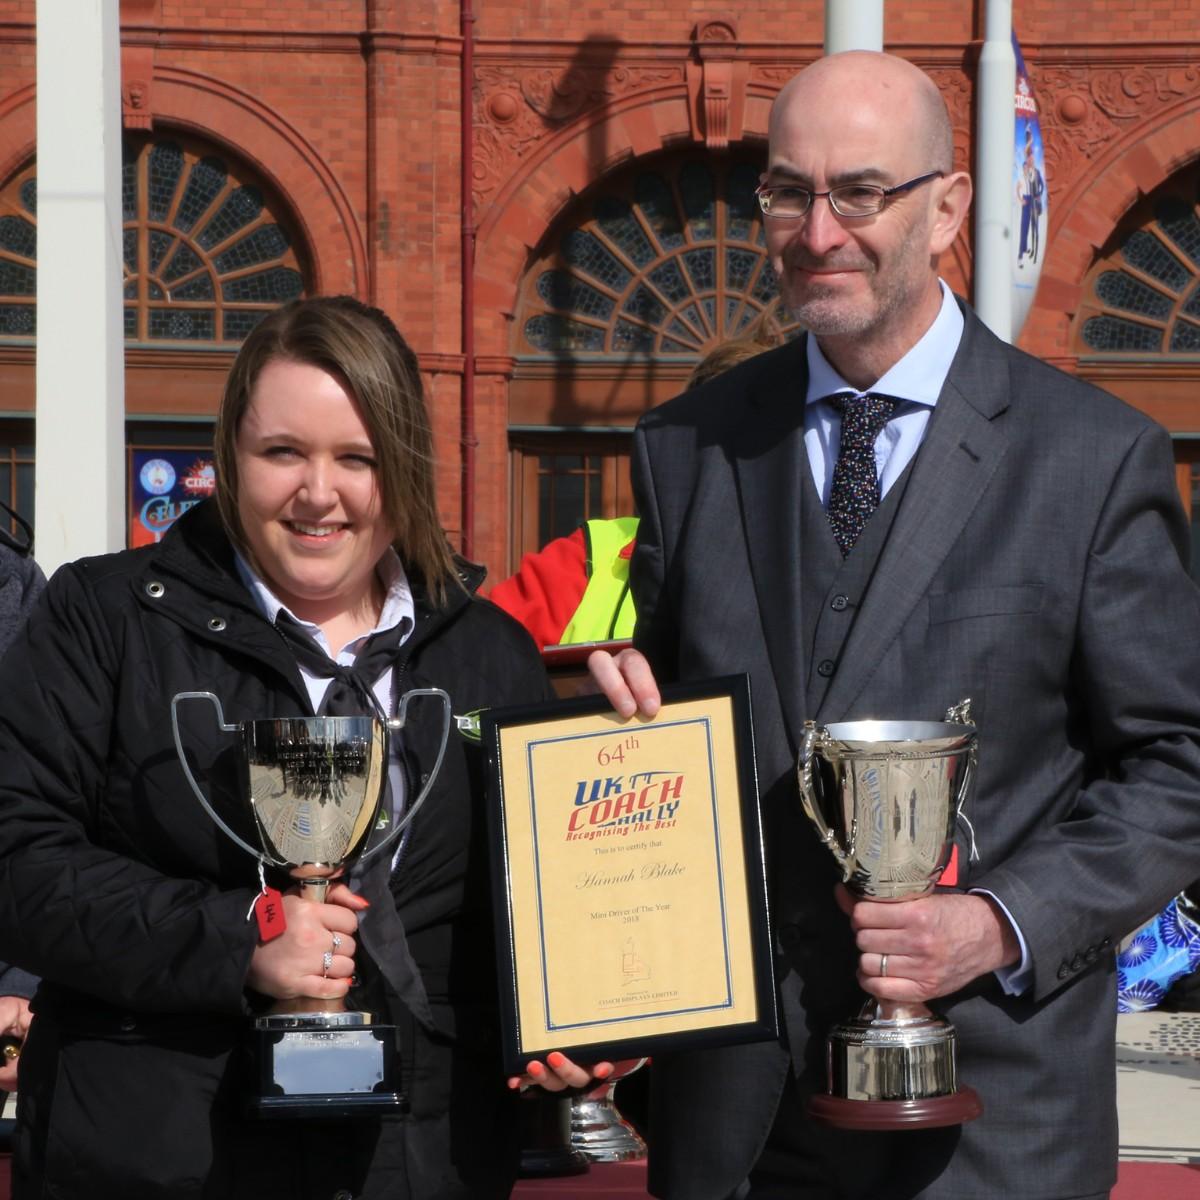 Mini Driver of the Year - Hannah Blake, Blakes Coaches